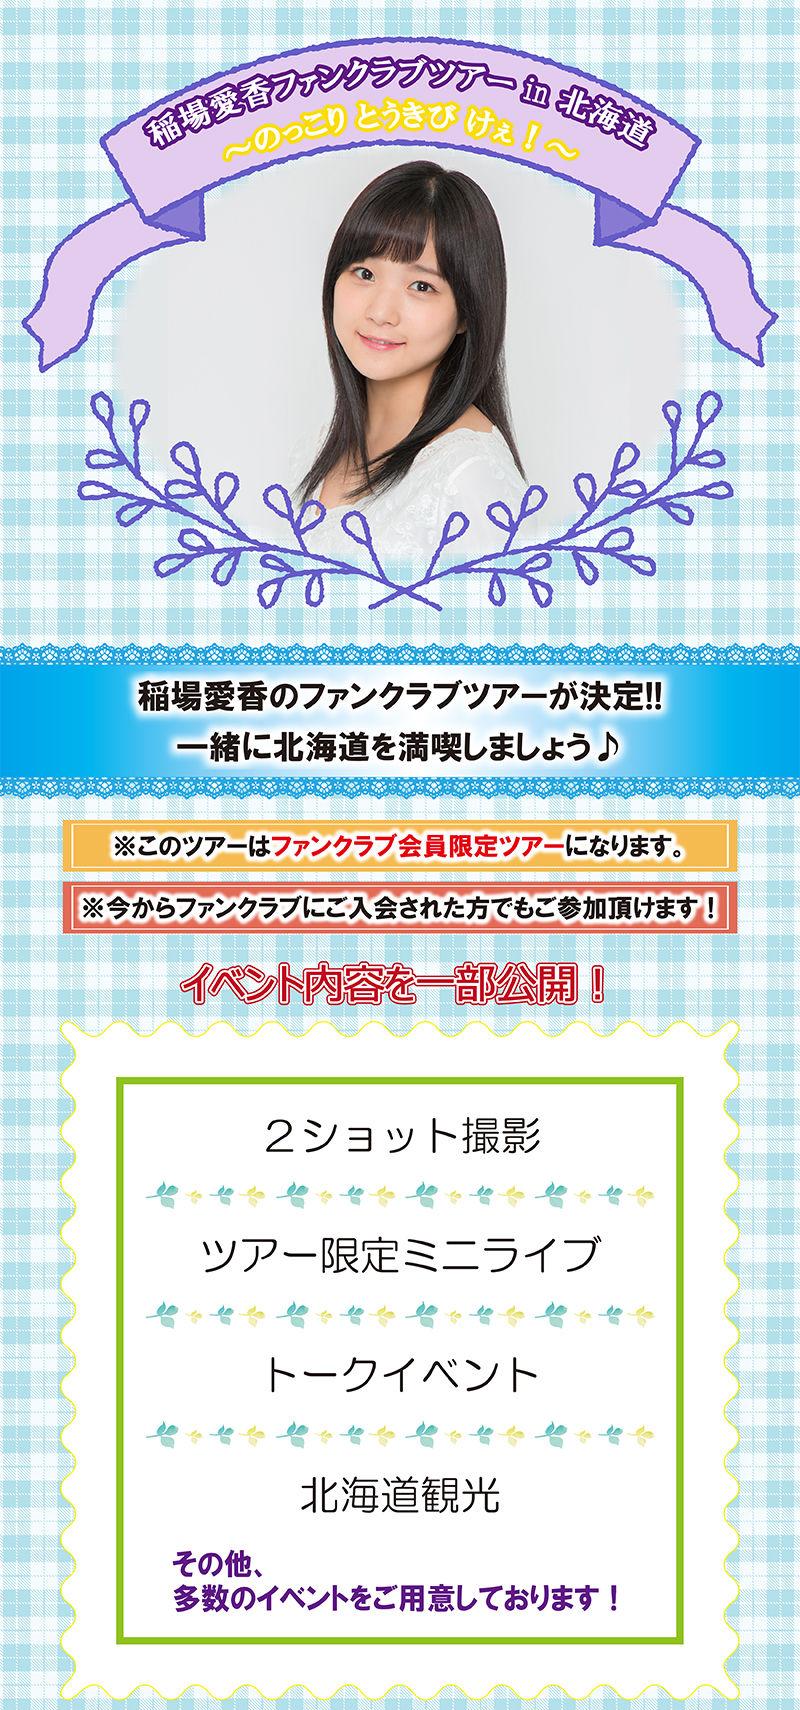 【エンタメ画像】稲場愛香ファンクラブツアー12万4800円で高い